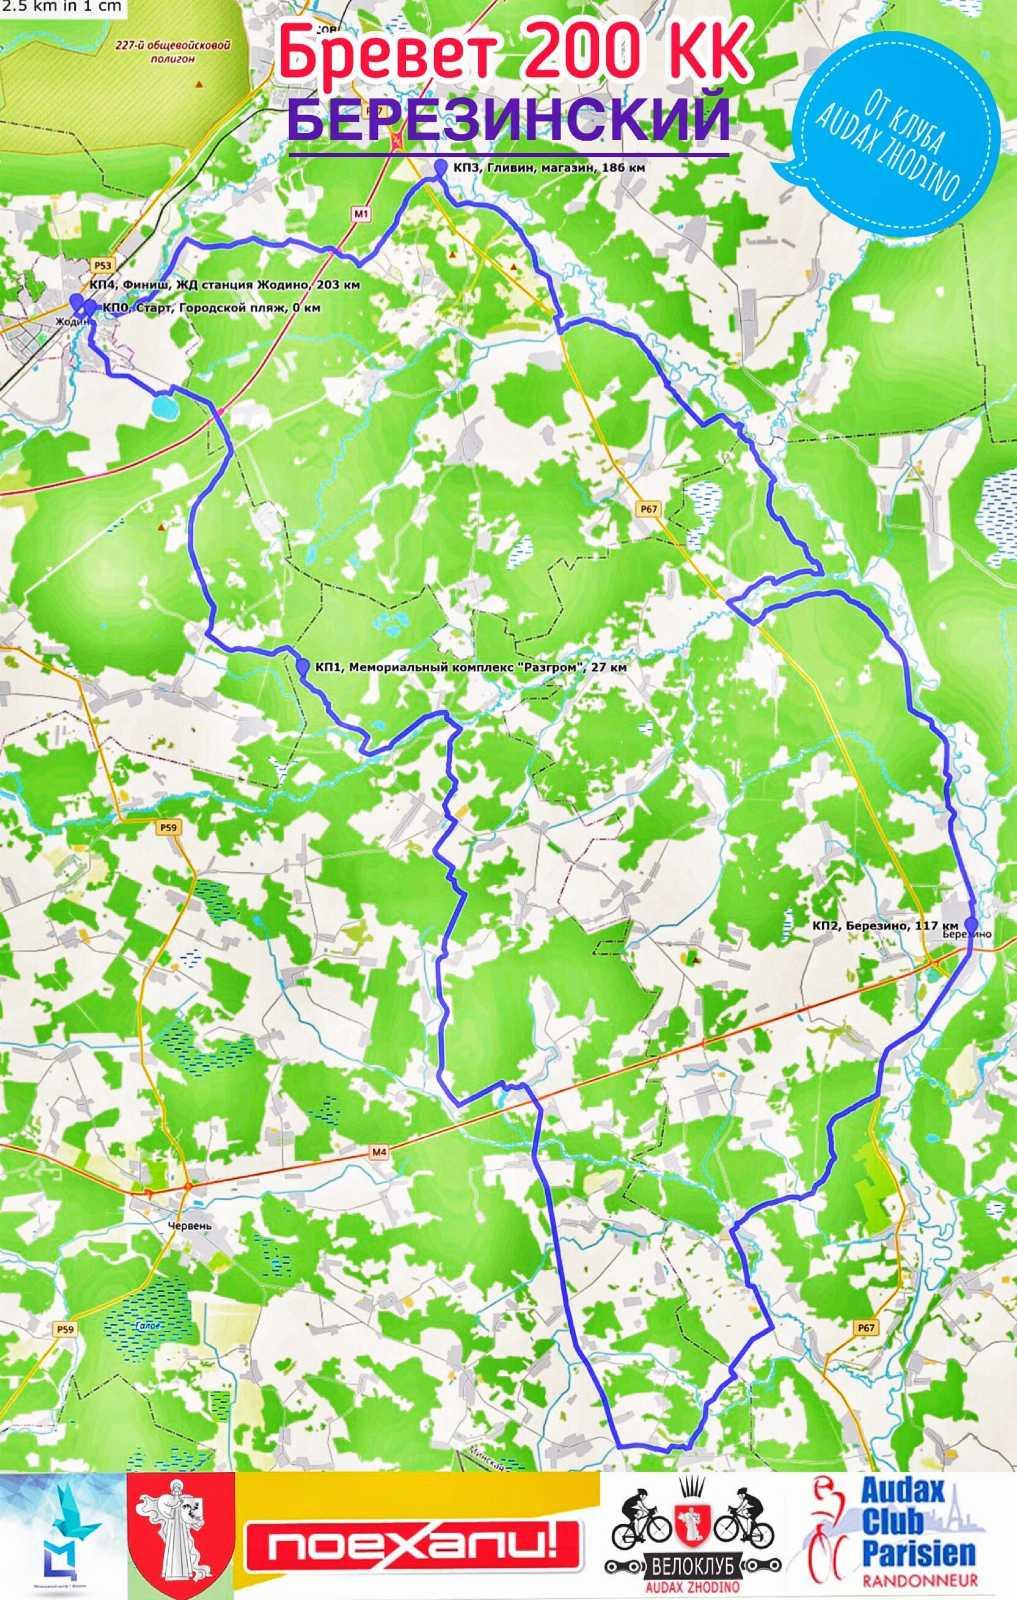 Бревет 200 км кросс-кантри